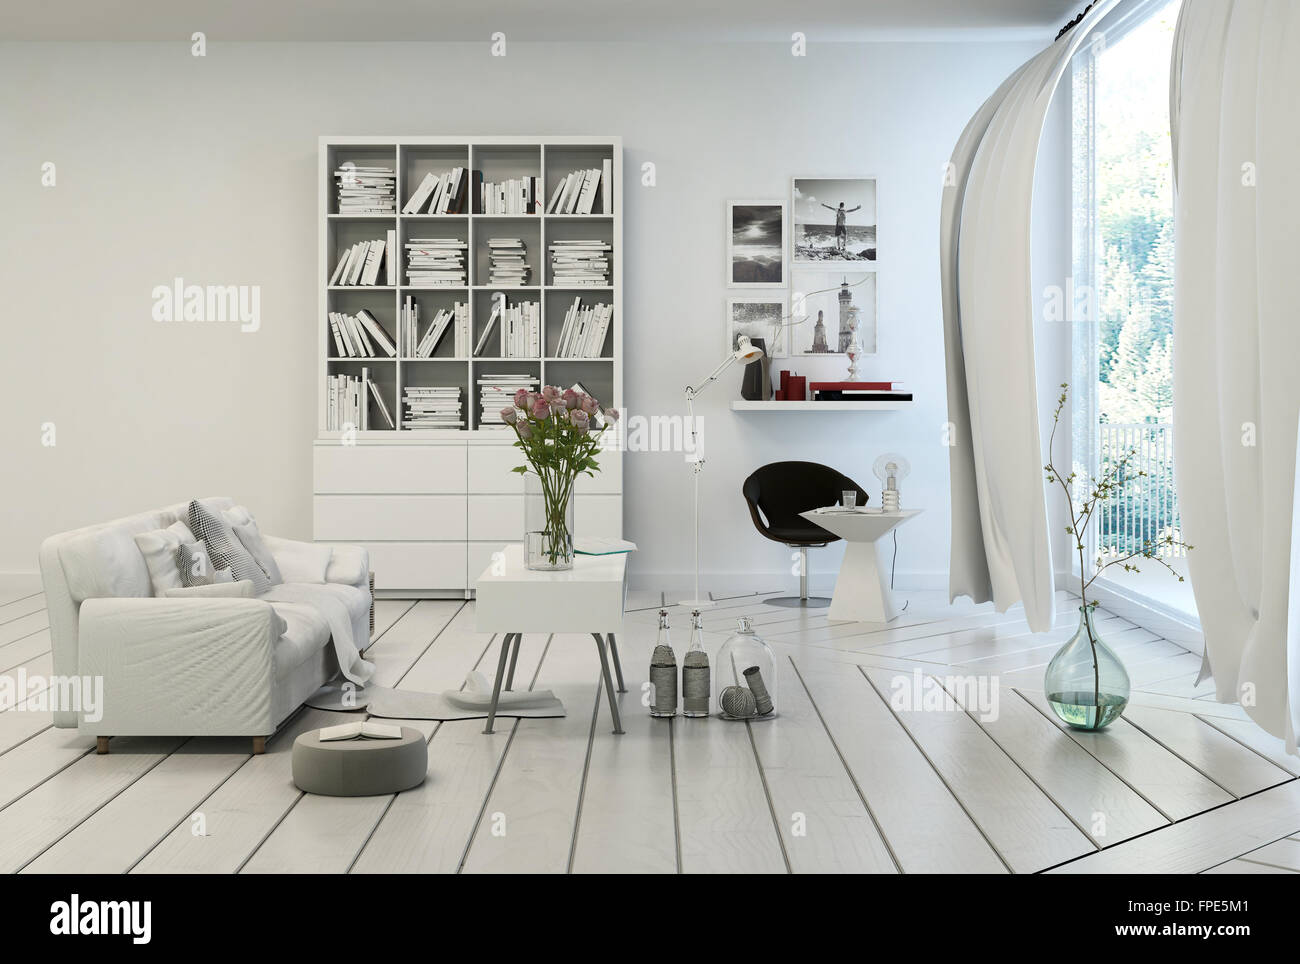 holz boden und decke modern interieur, kompakte, moderne weiße wohnzimmer interieur mit weiß lackierten, Design ideen